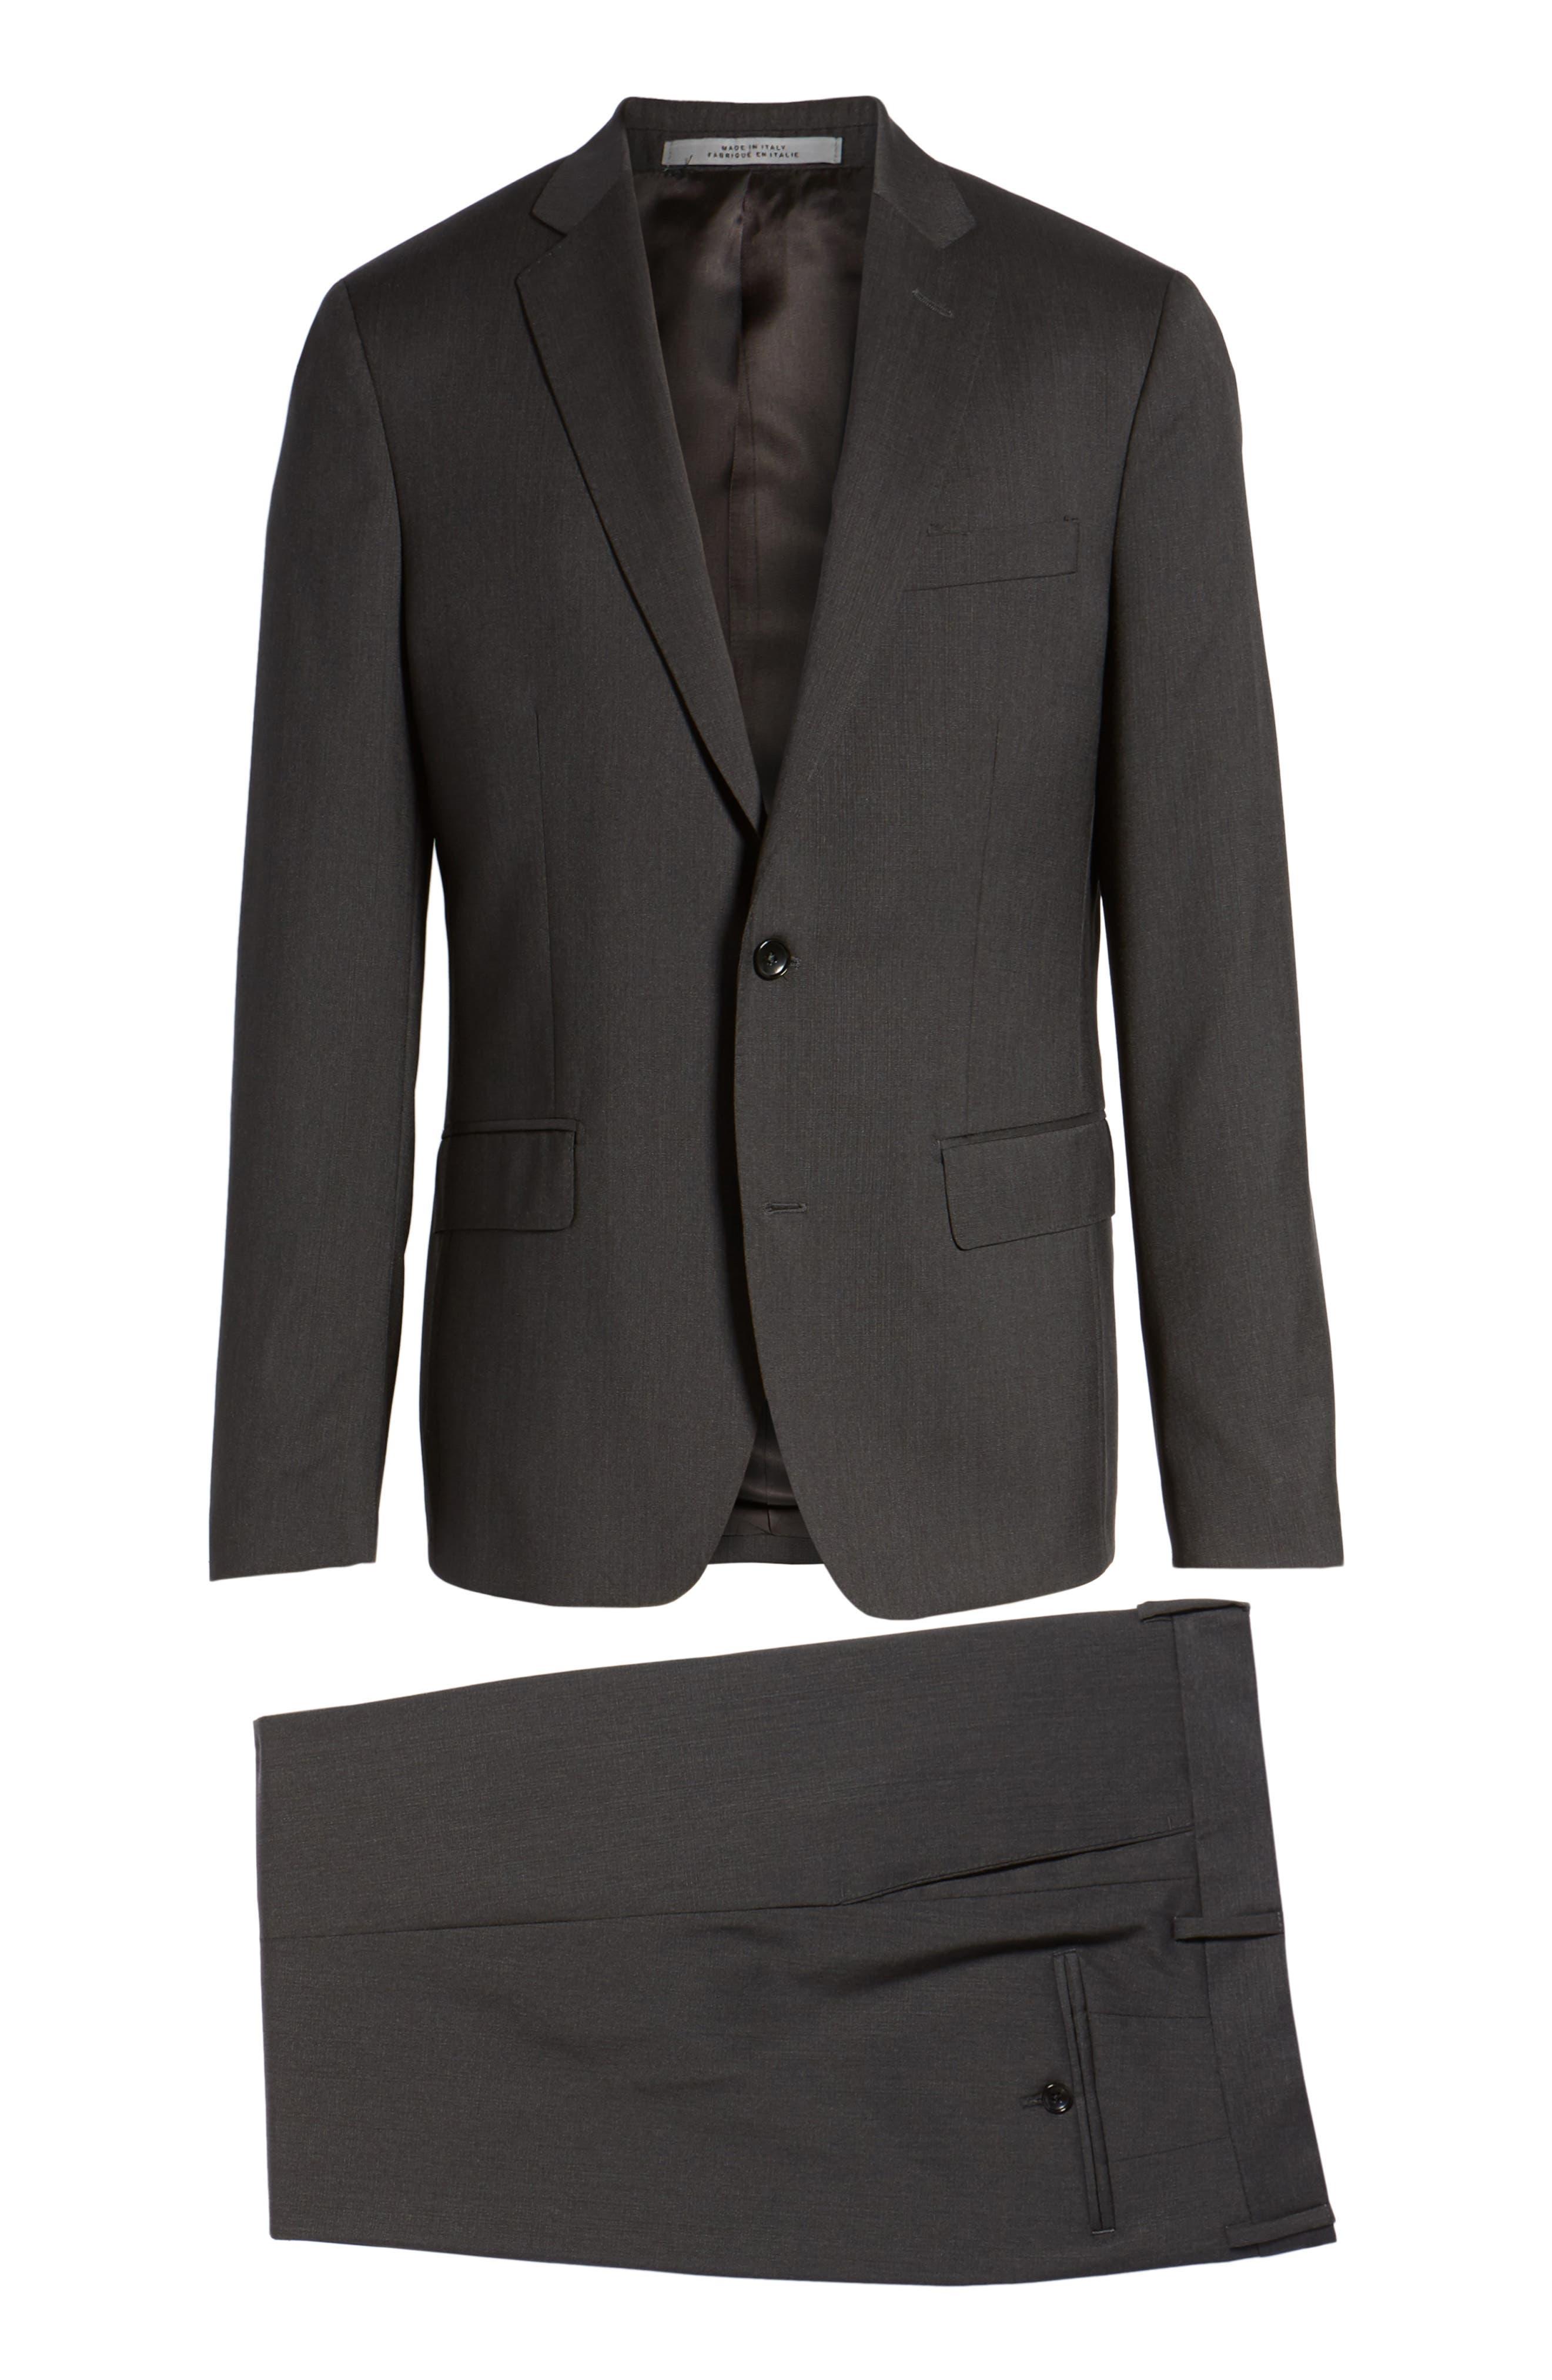 Classic Fit Check Suit,                             Alternate thumbnail 8, color,                             020